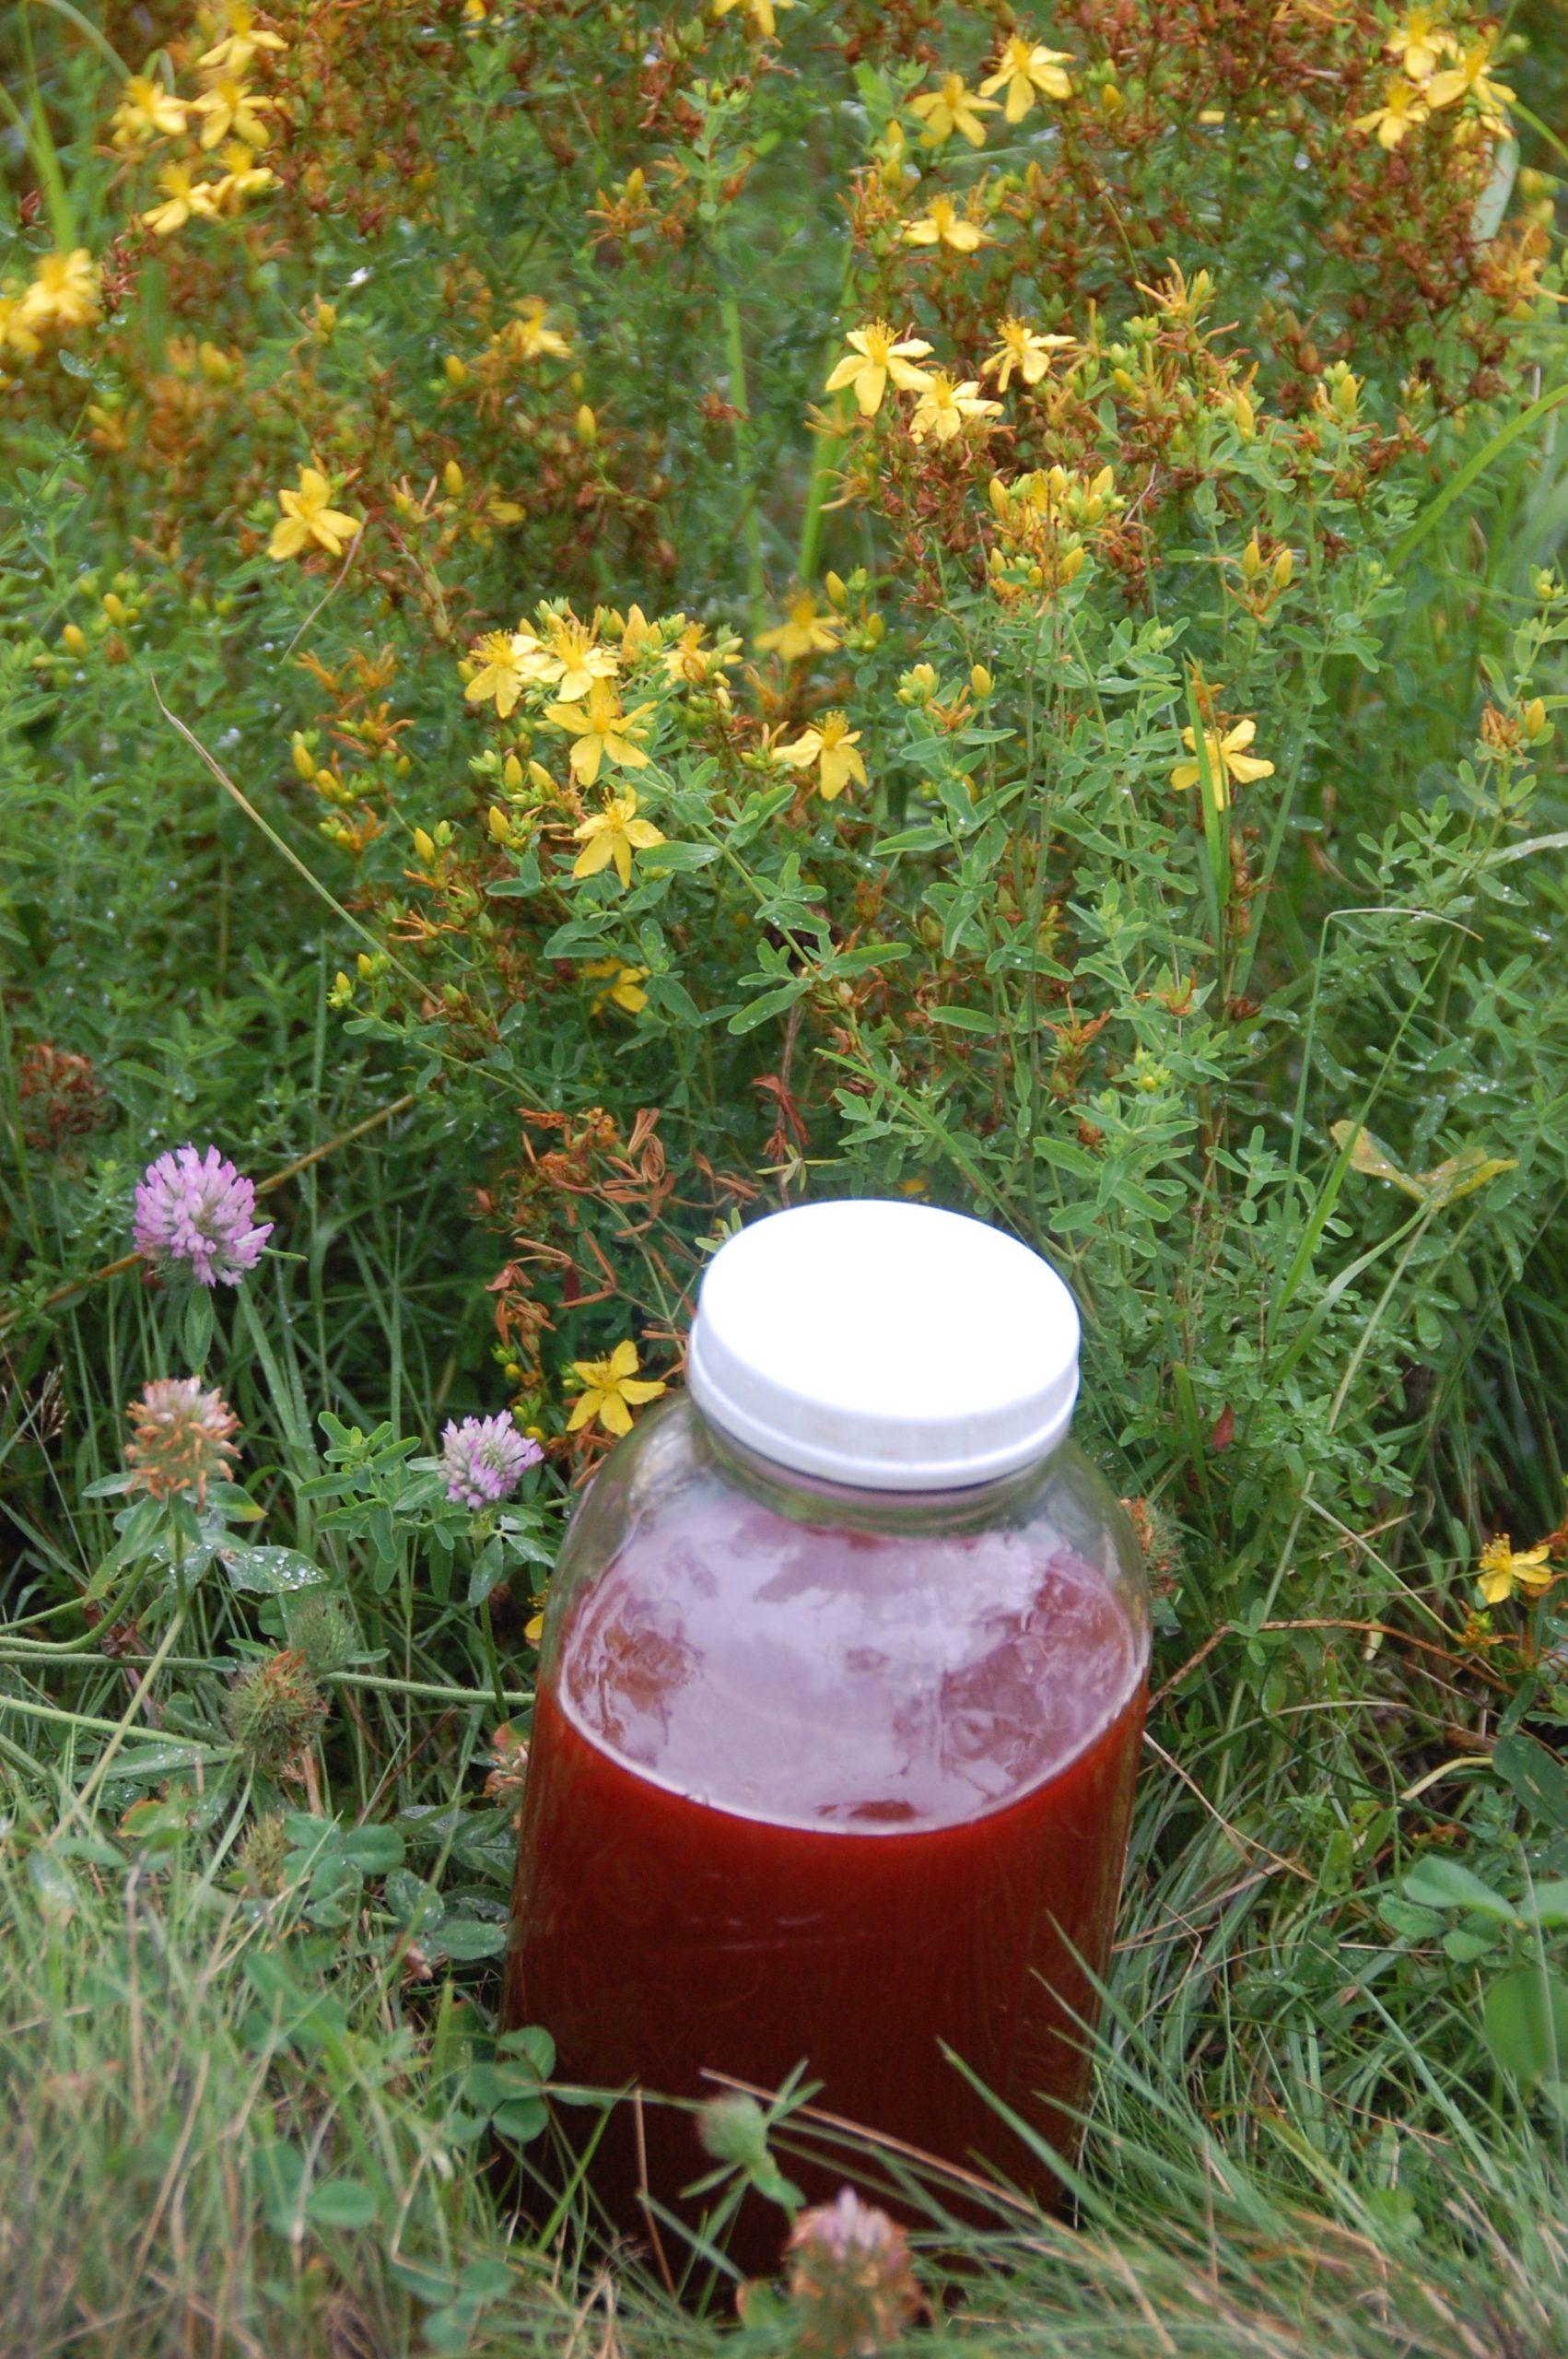 St John's Wort flowers and oil